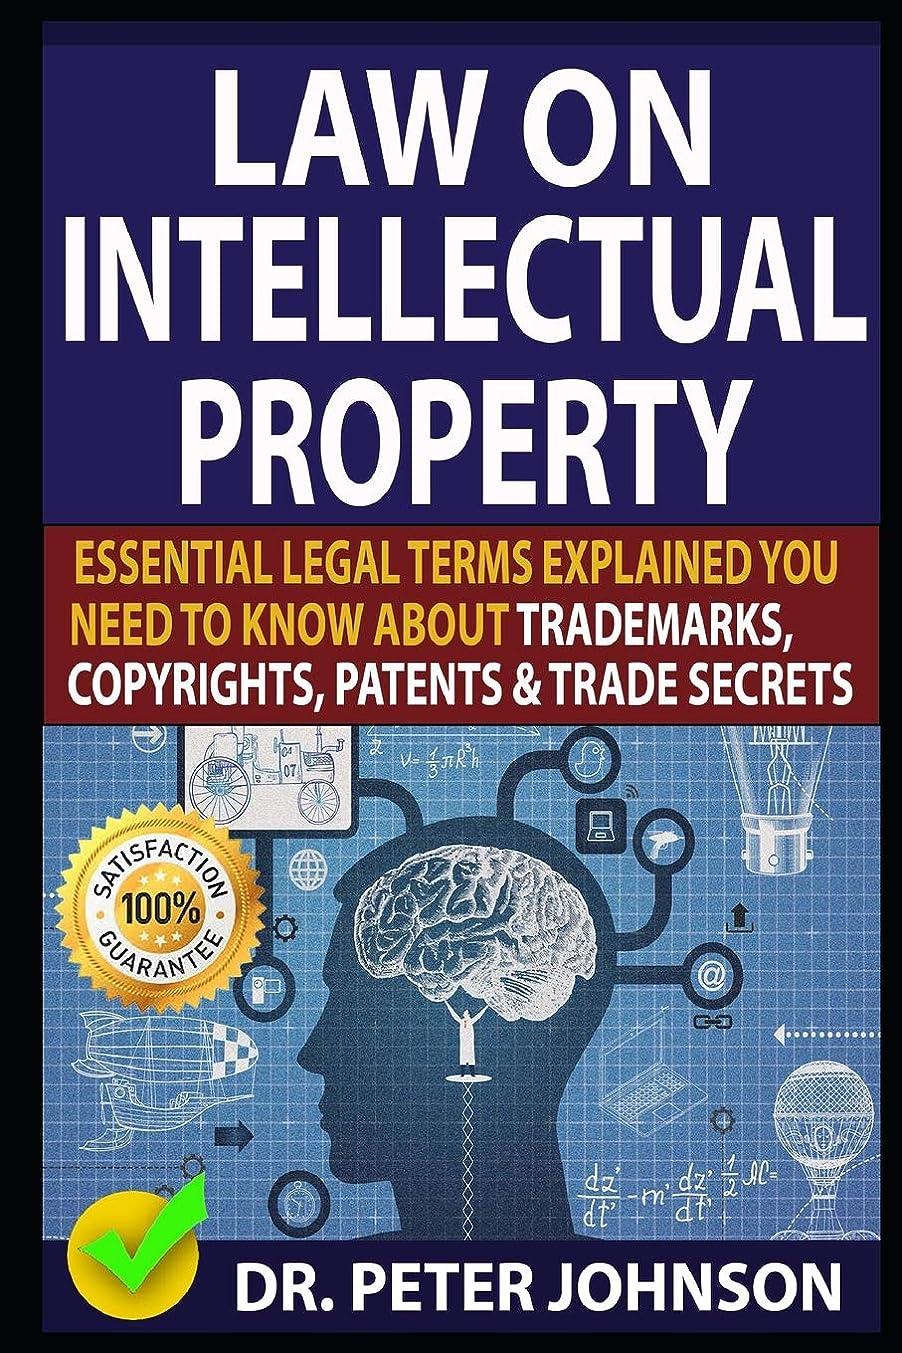 タンパク質役に立たない破滅的なLAW ON INTELLECTUAL PROPERTY: Essential Legal Terms Explained You Need To Know About Trademarks, Copyrights, Patents, and Trade Secrets!